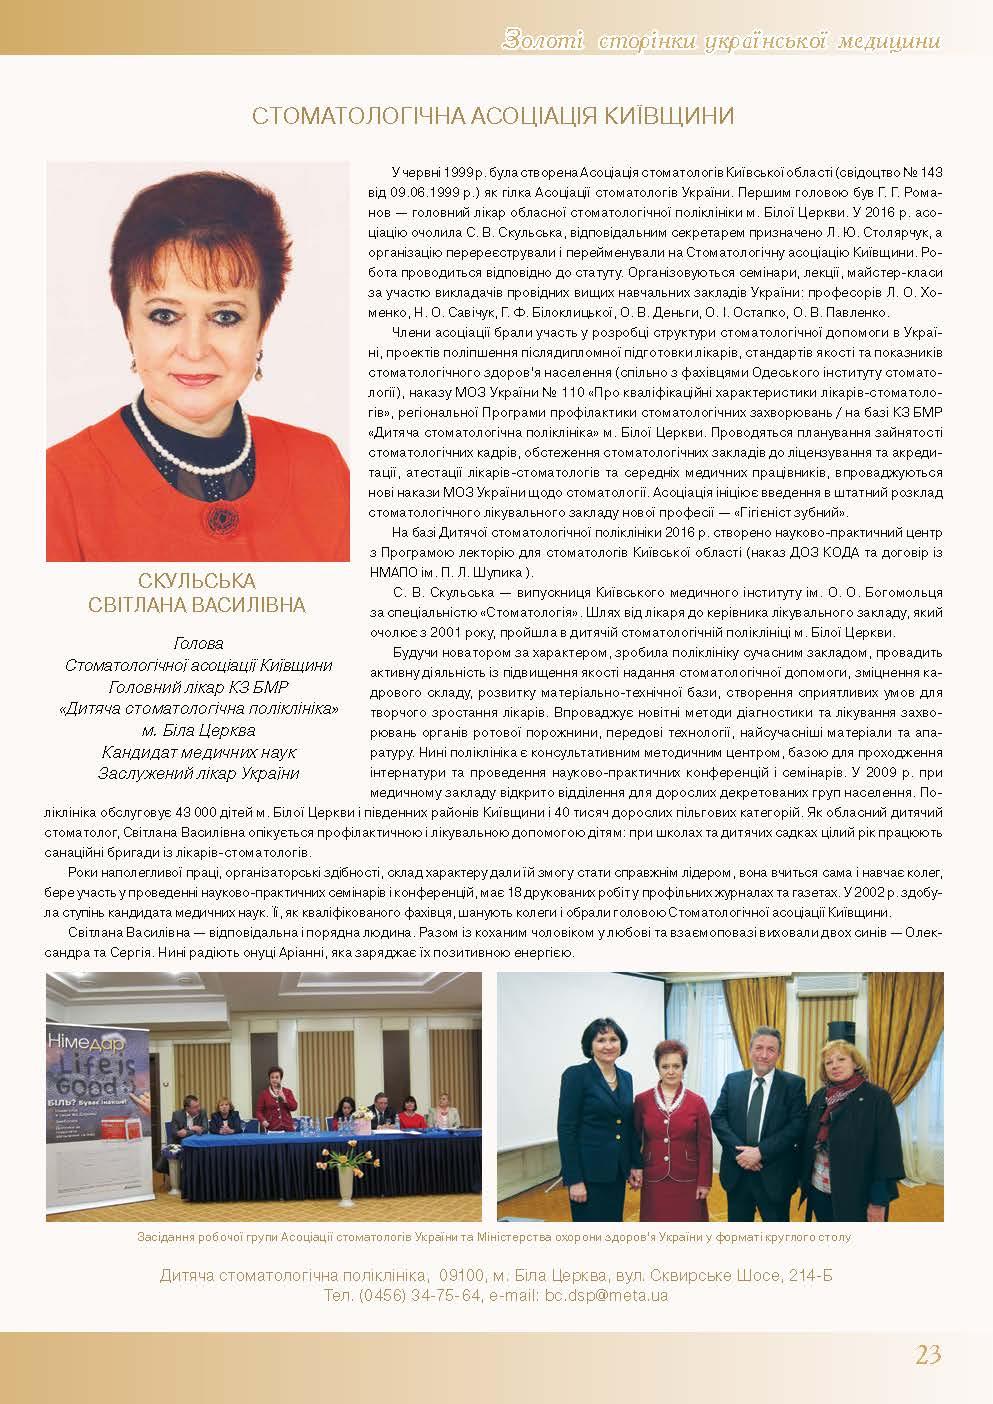 Стоматологічна асоціація Київщини